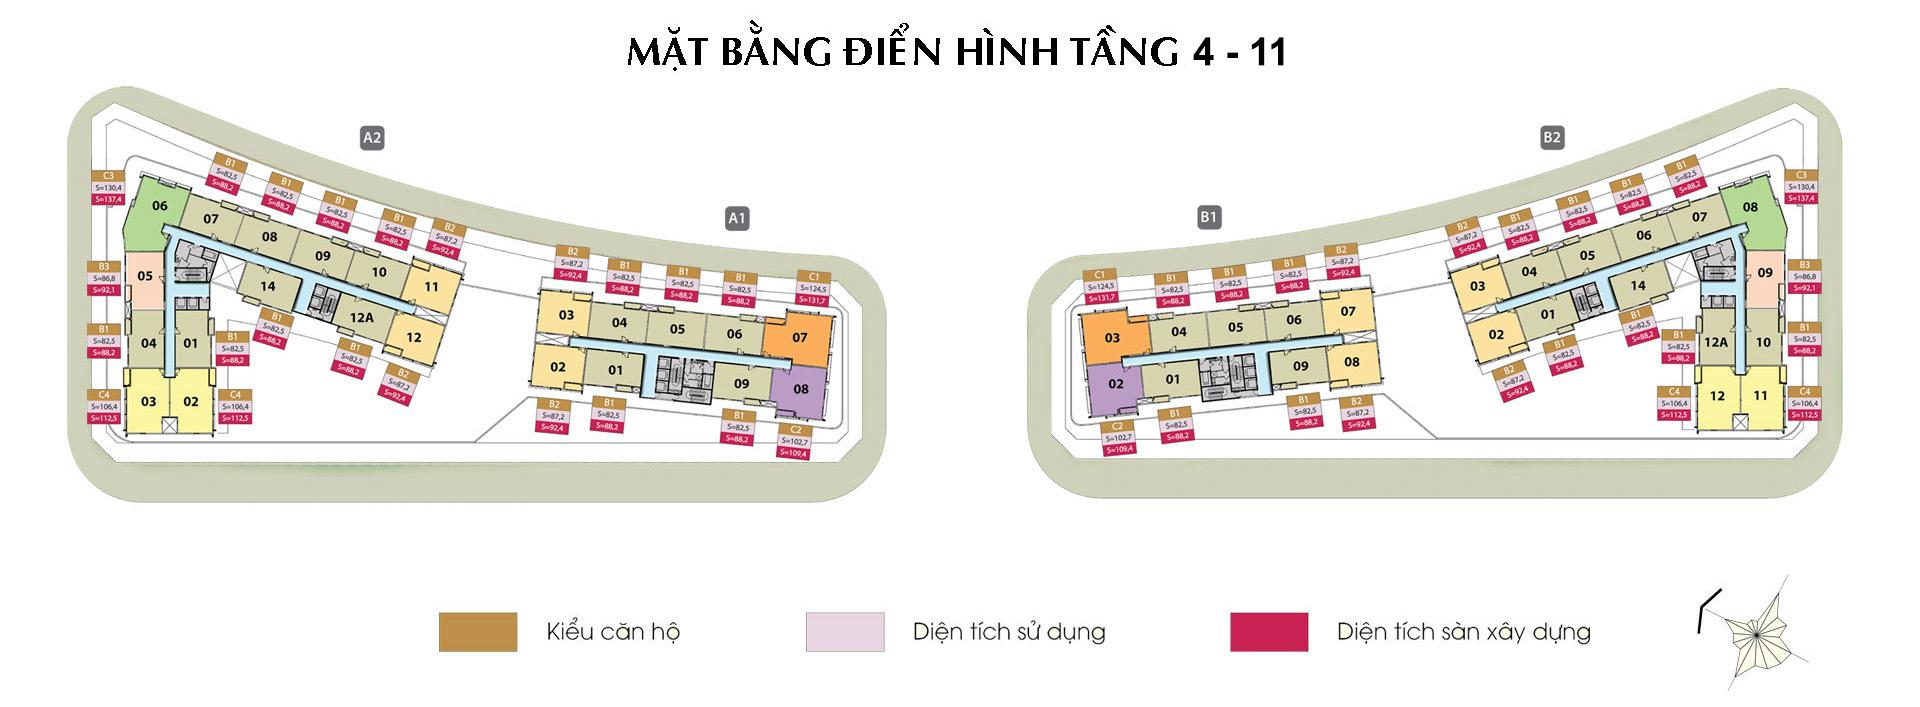 mat bang tang 4-11